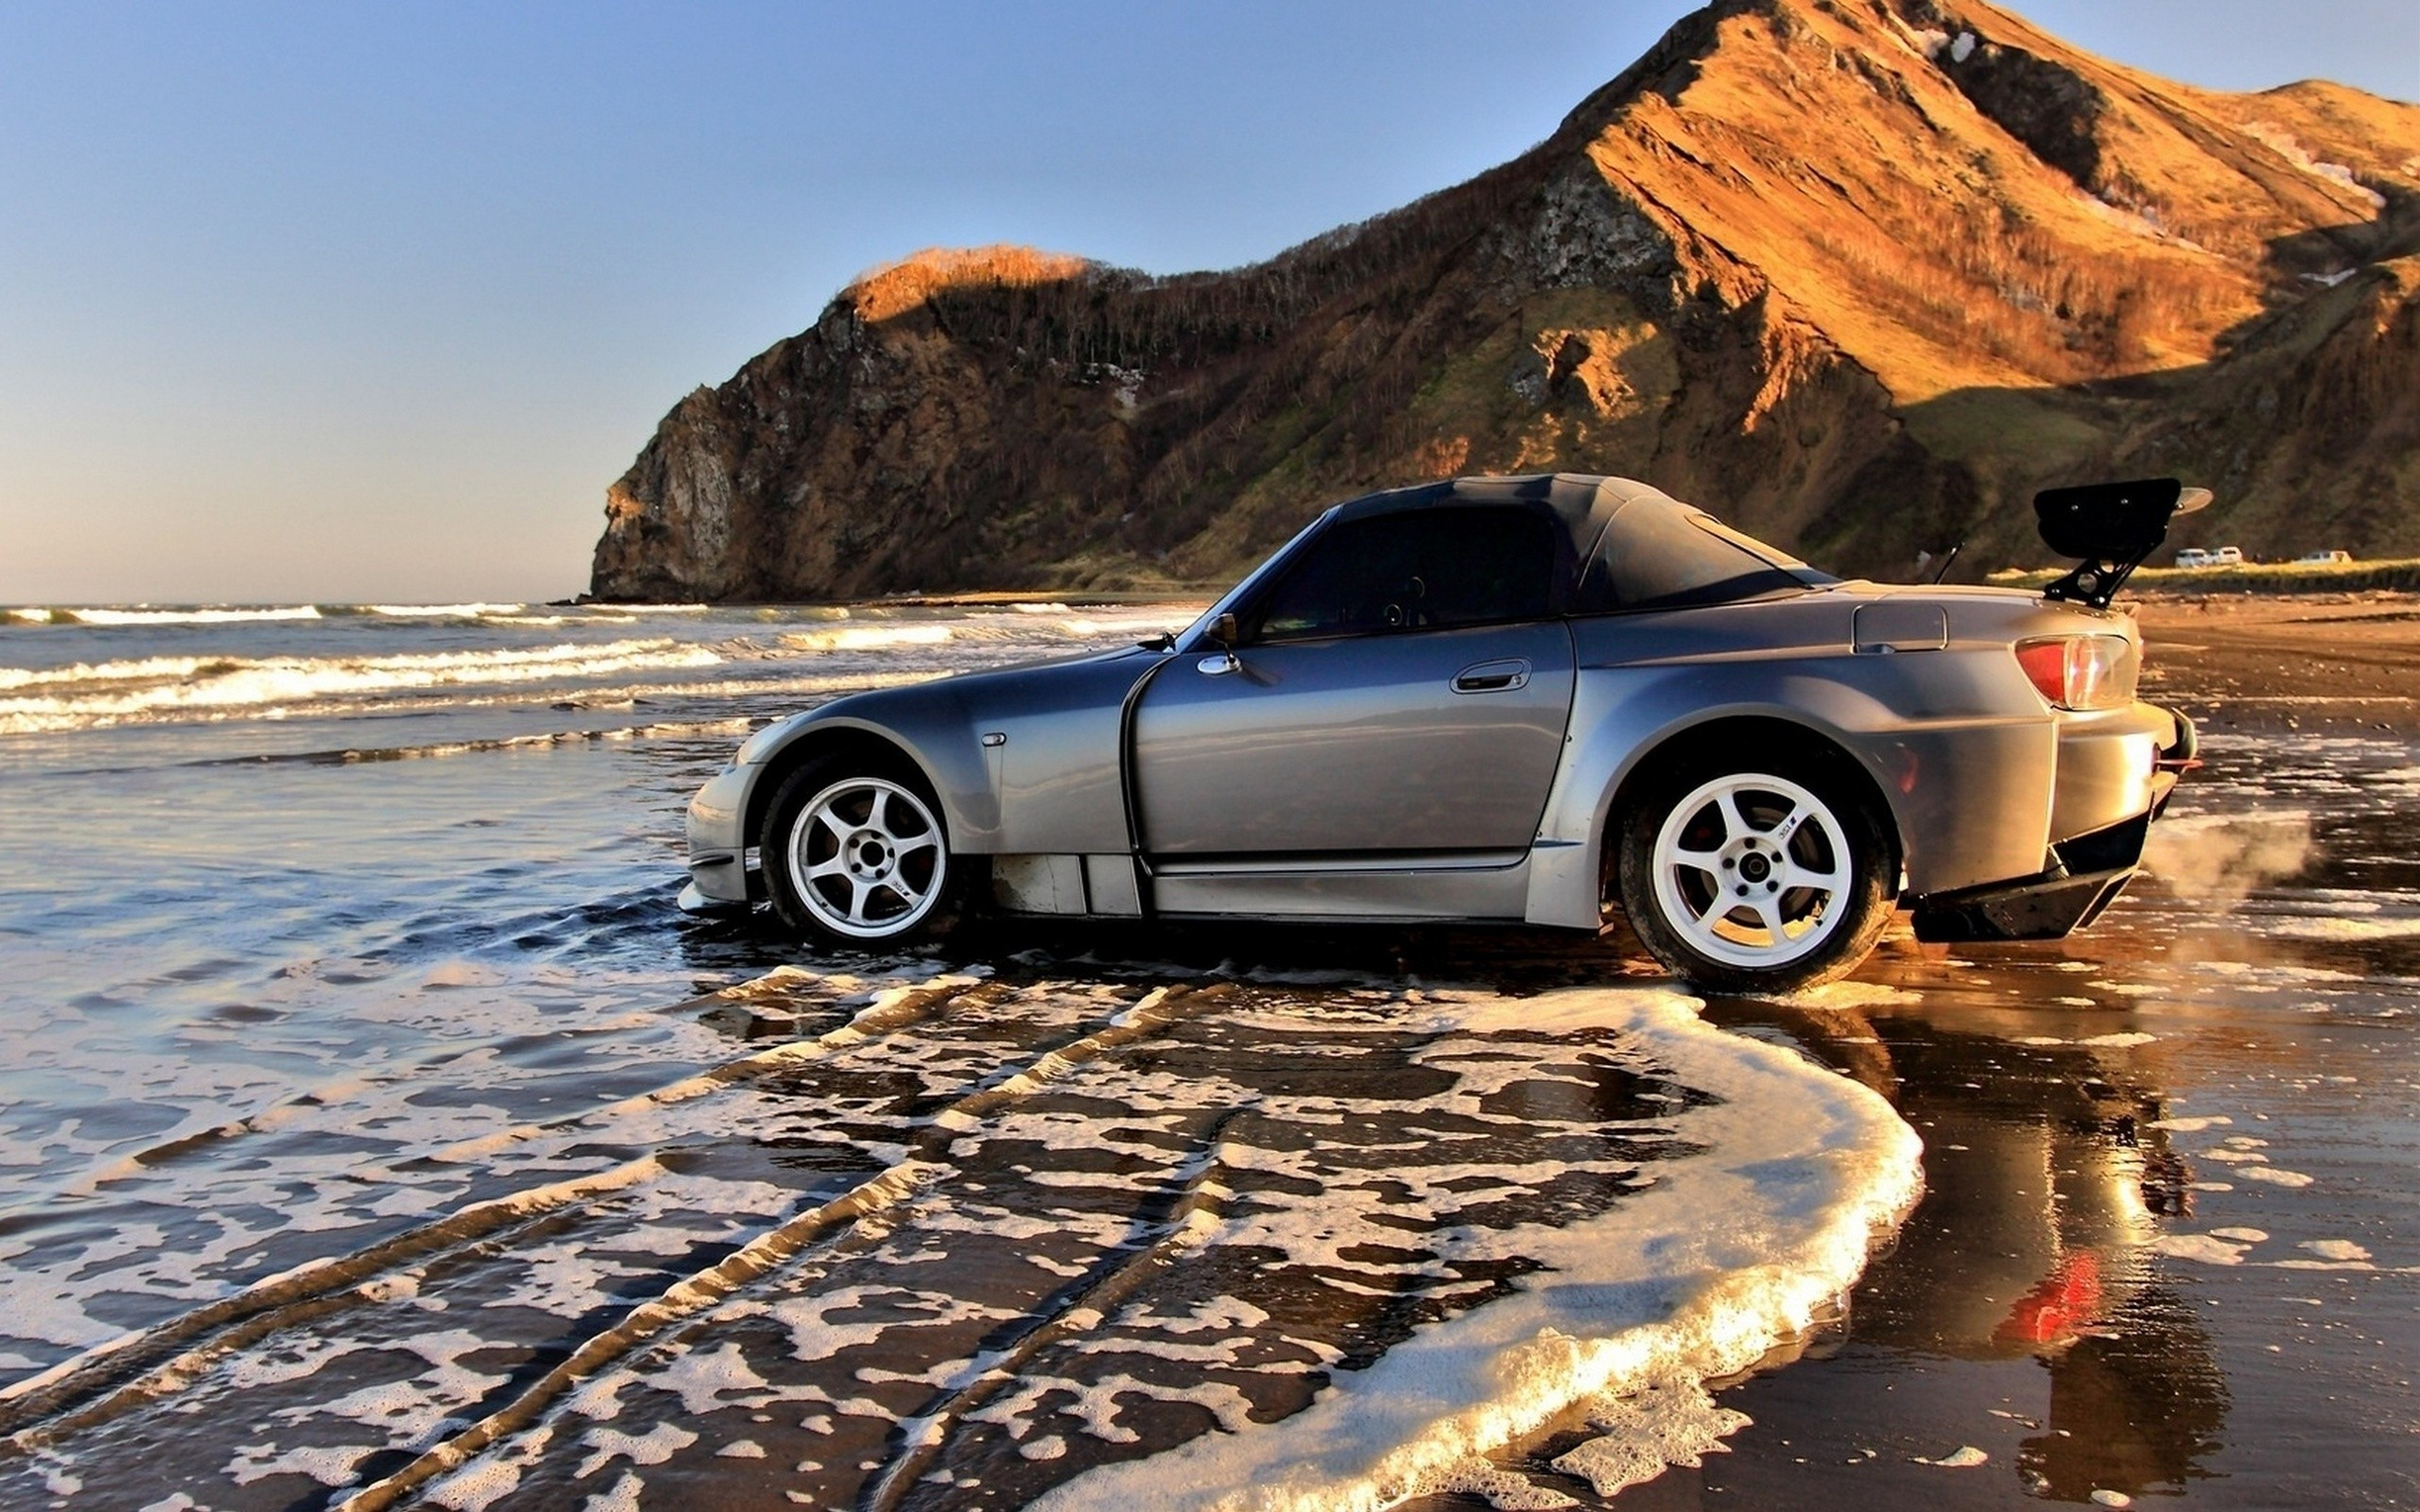 Auto en la playa - 2560x1600